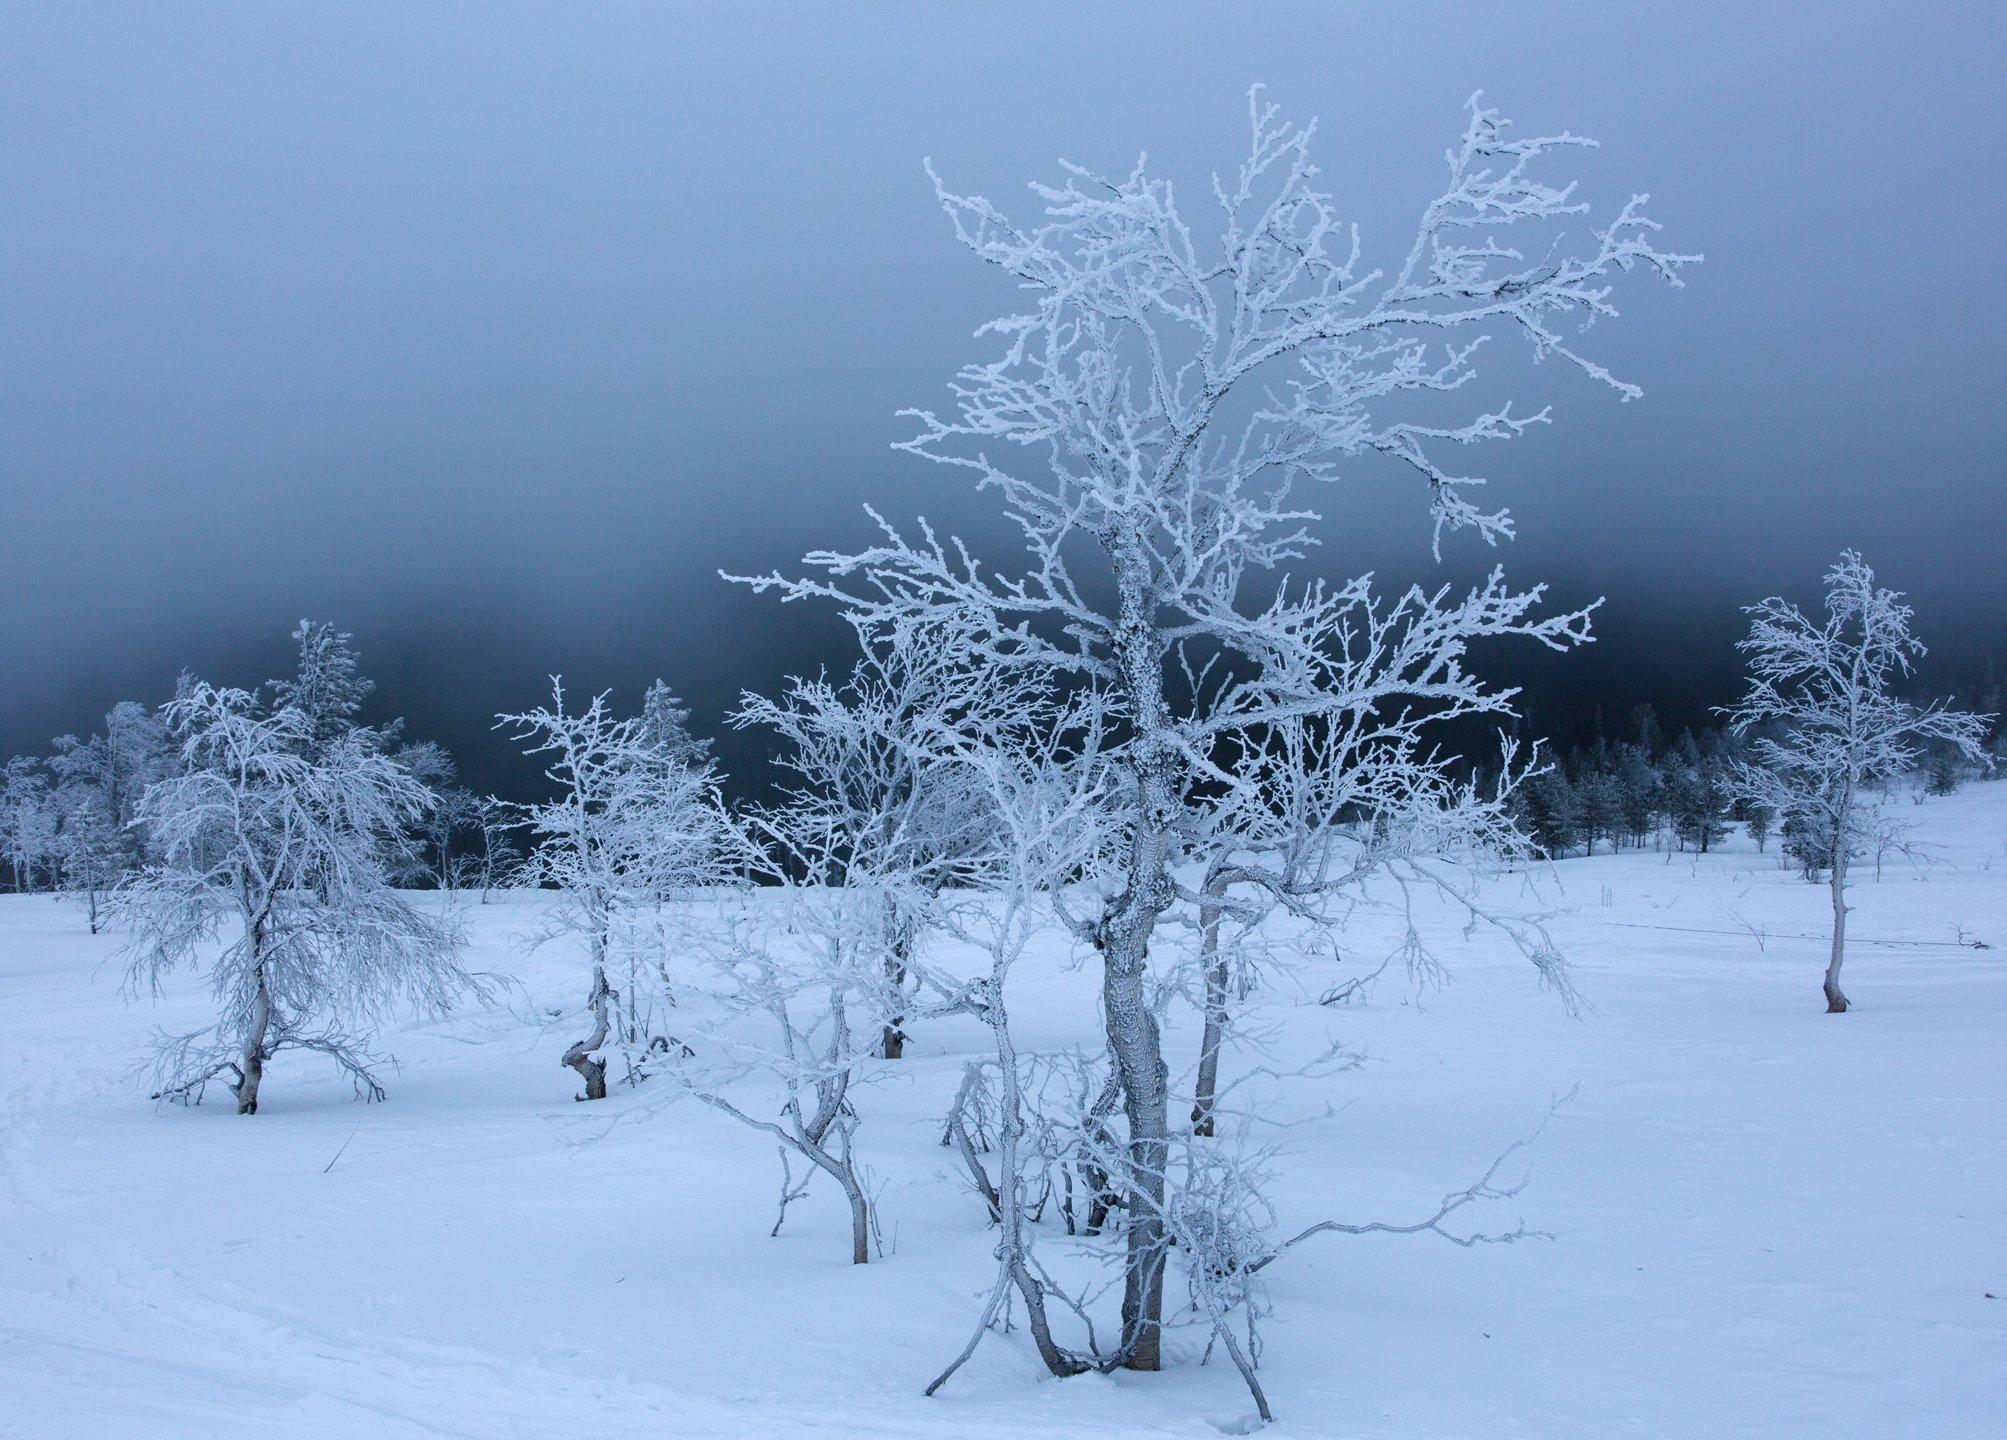 зима, горы, урал, деревья, снег, иней, облака, антон селезнев, путешествие, Антон Селезнев